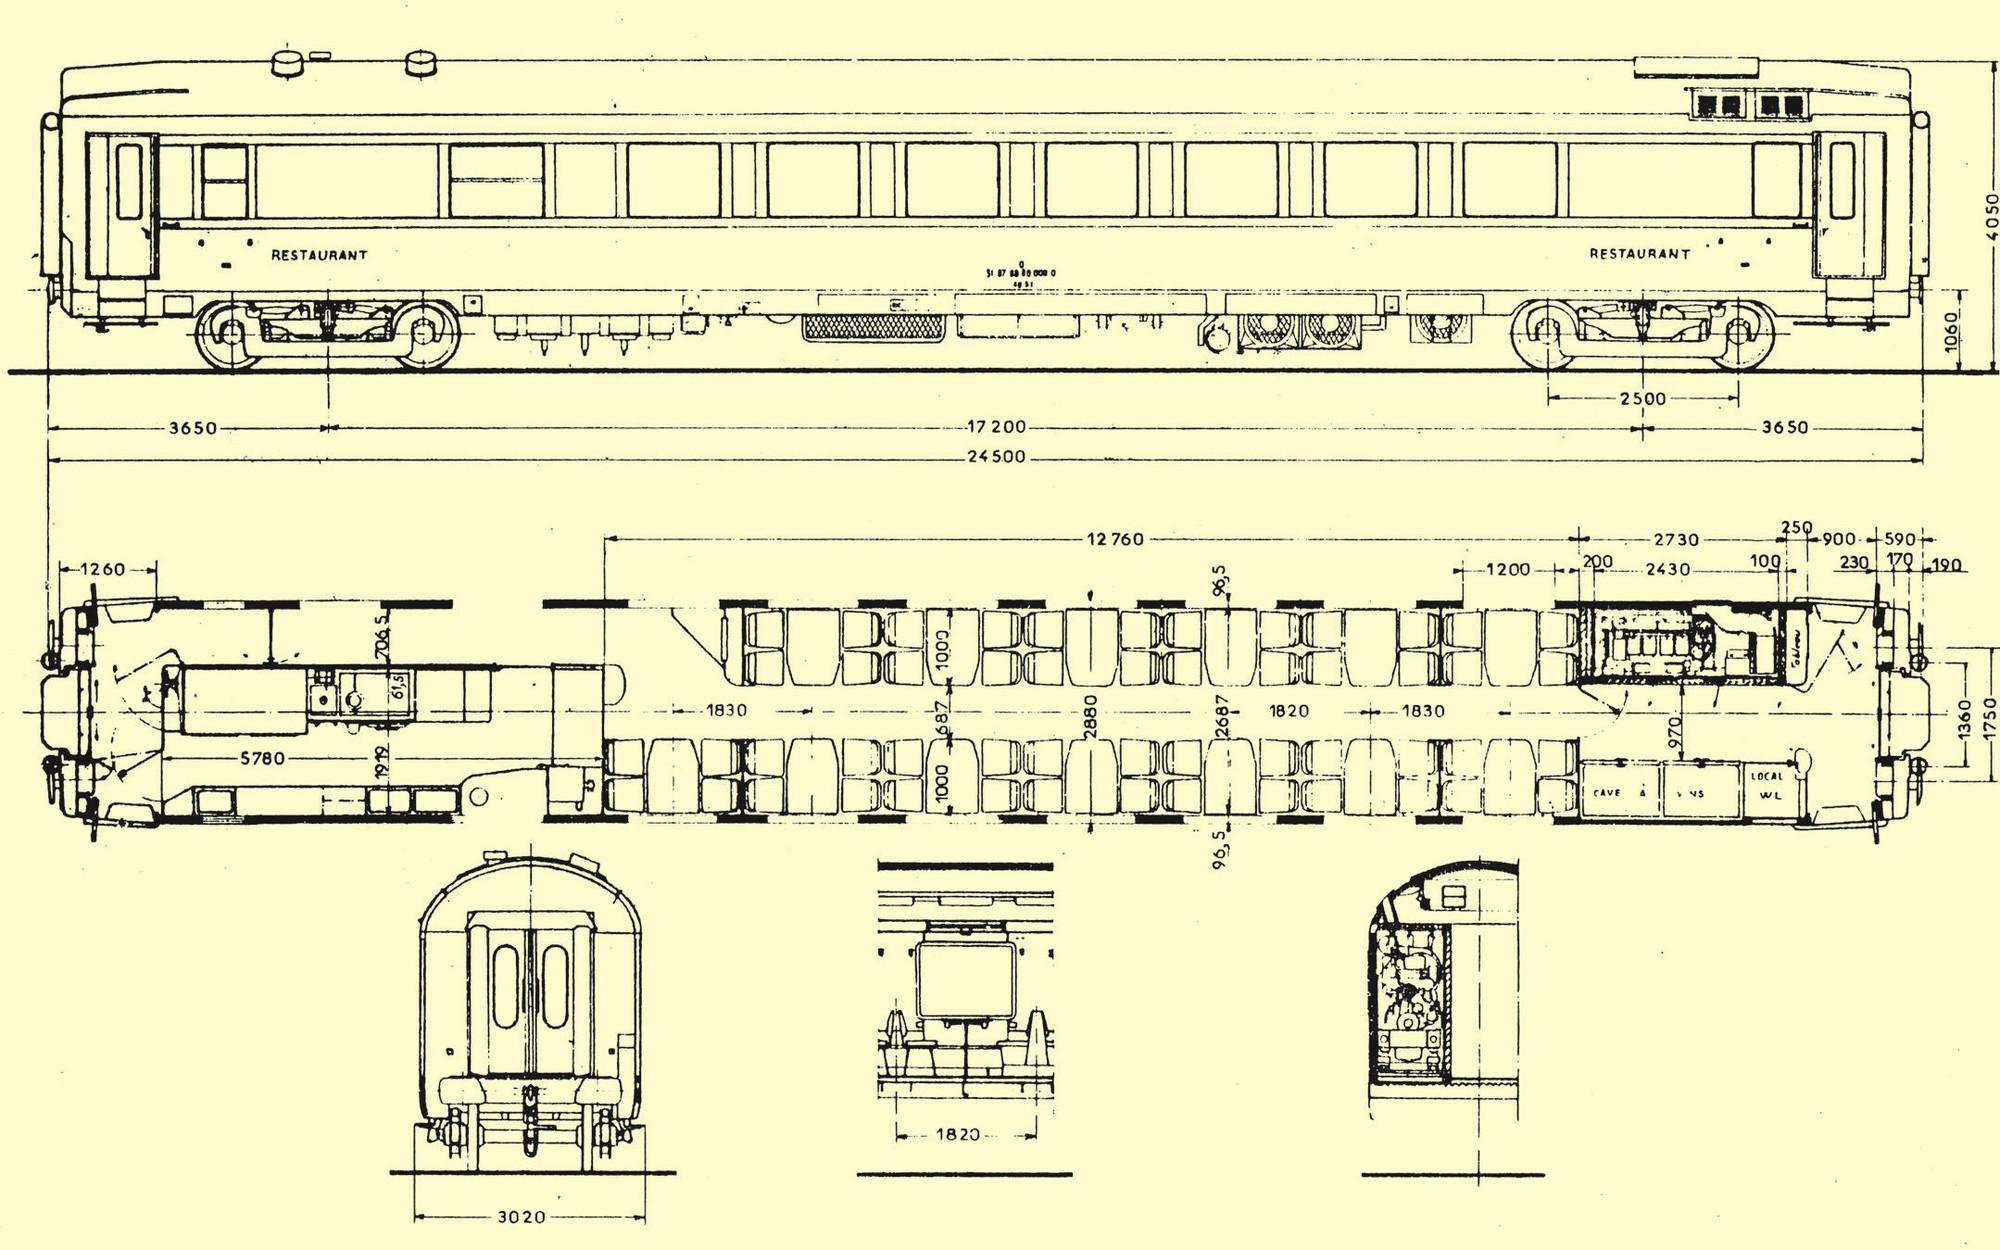 Schéma d'une voiture restaurant type 66 SNCF